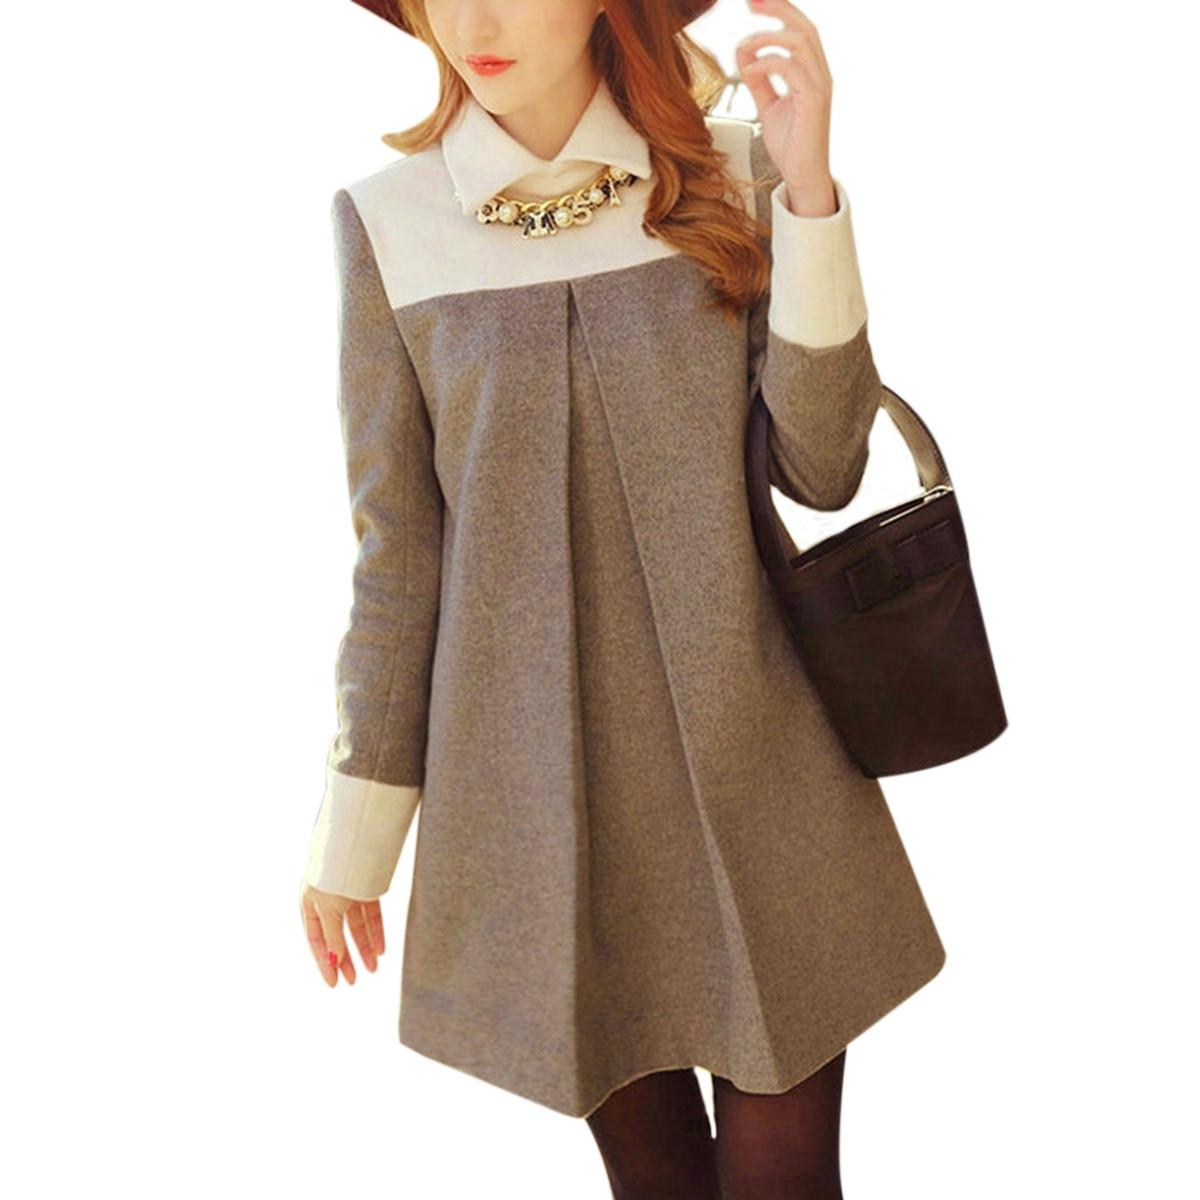 2015 осень женщины мода полушерстяные Dress дамы элегантный с длинным рукавом Питер Пэн воротник лоскутное мини линия платья Vestidos FG1511